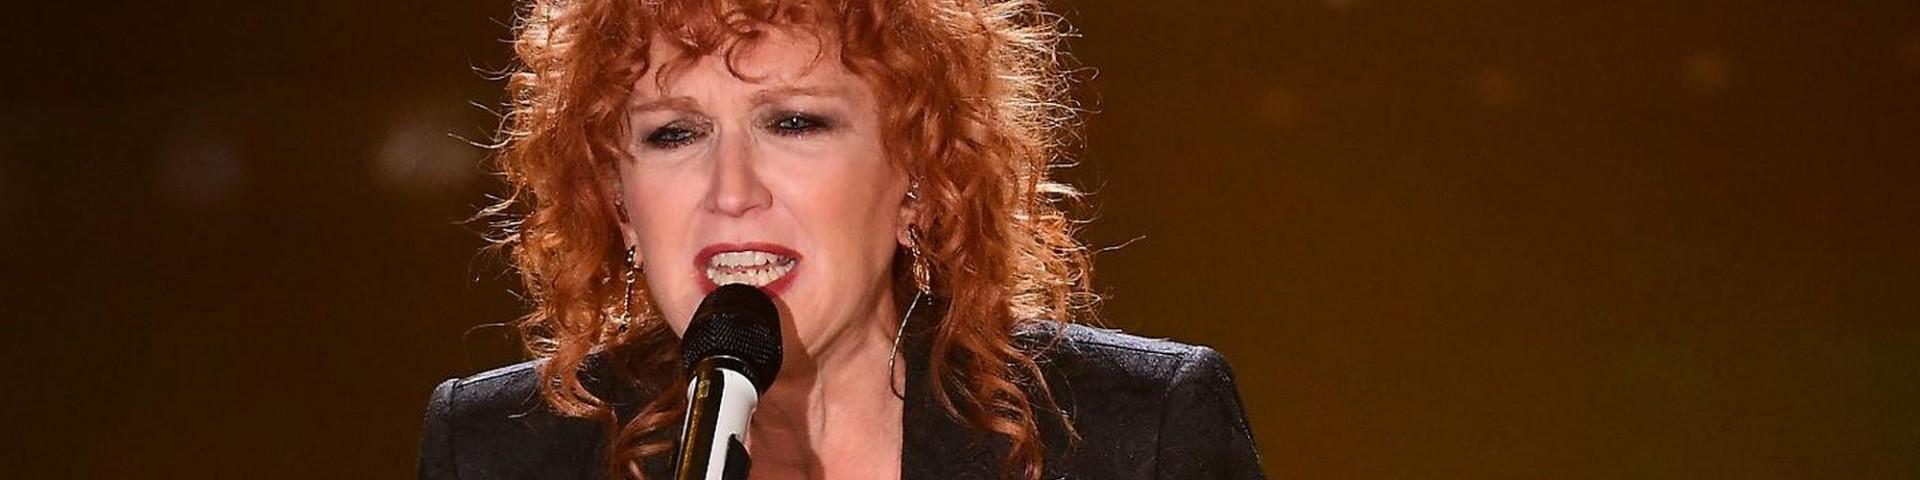 Fiorella Mannoia in concerto, il tour sbarca a Roma: biglietti, scaletta, come arrivare